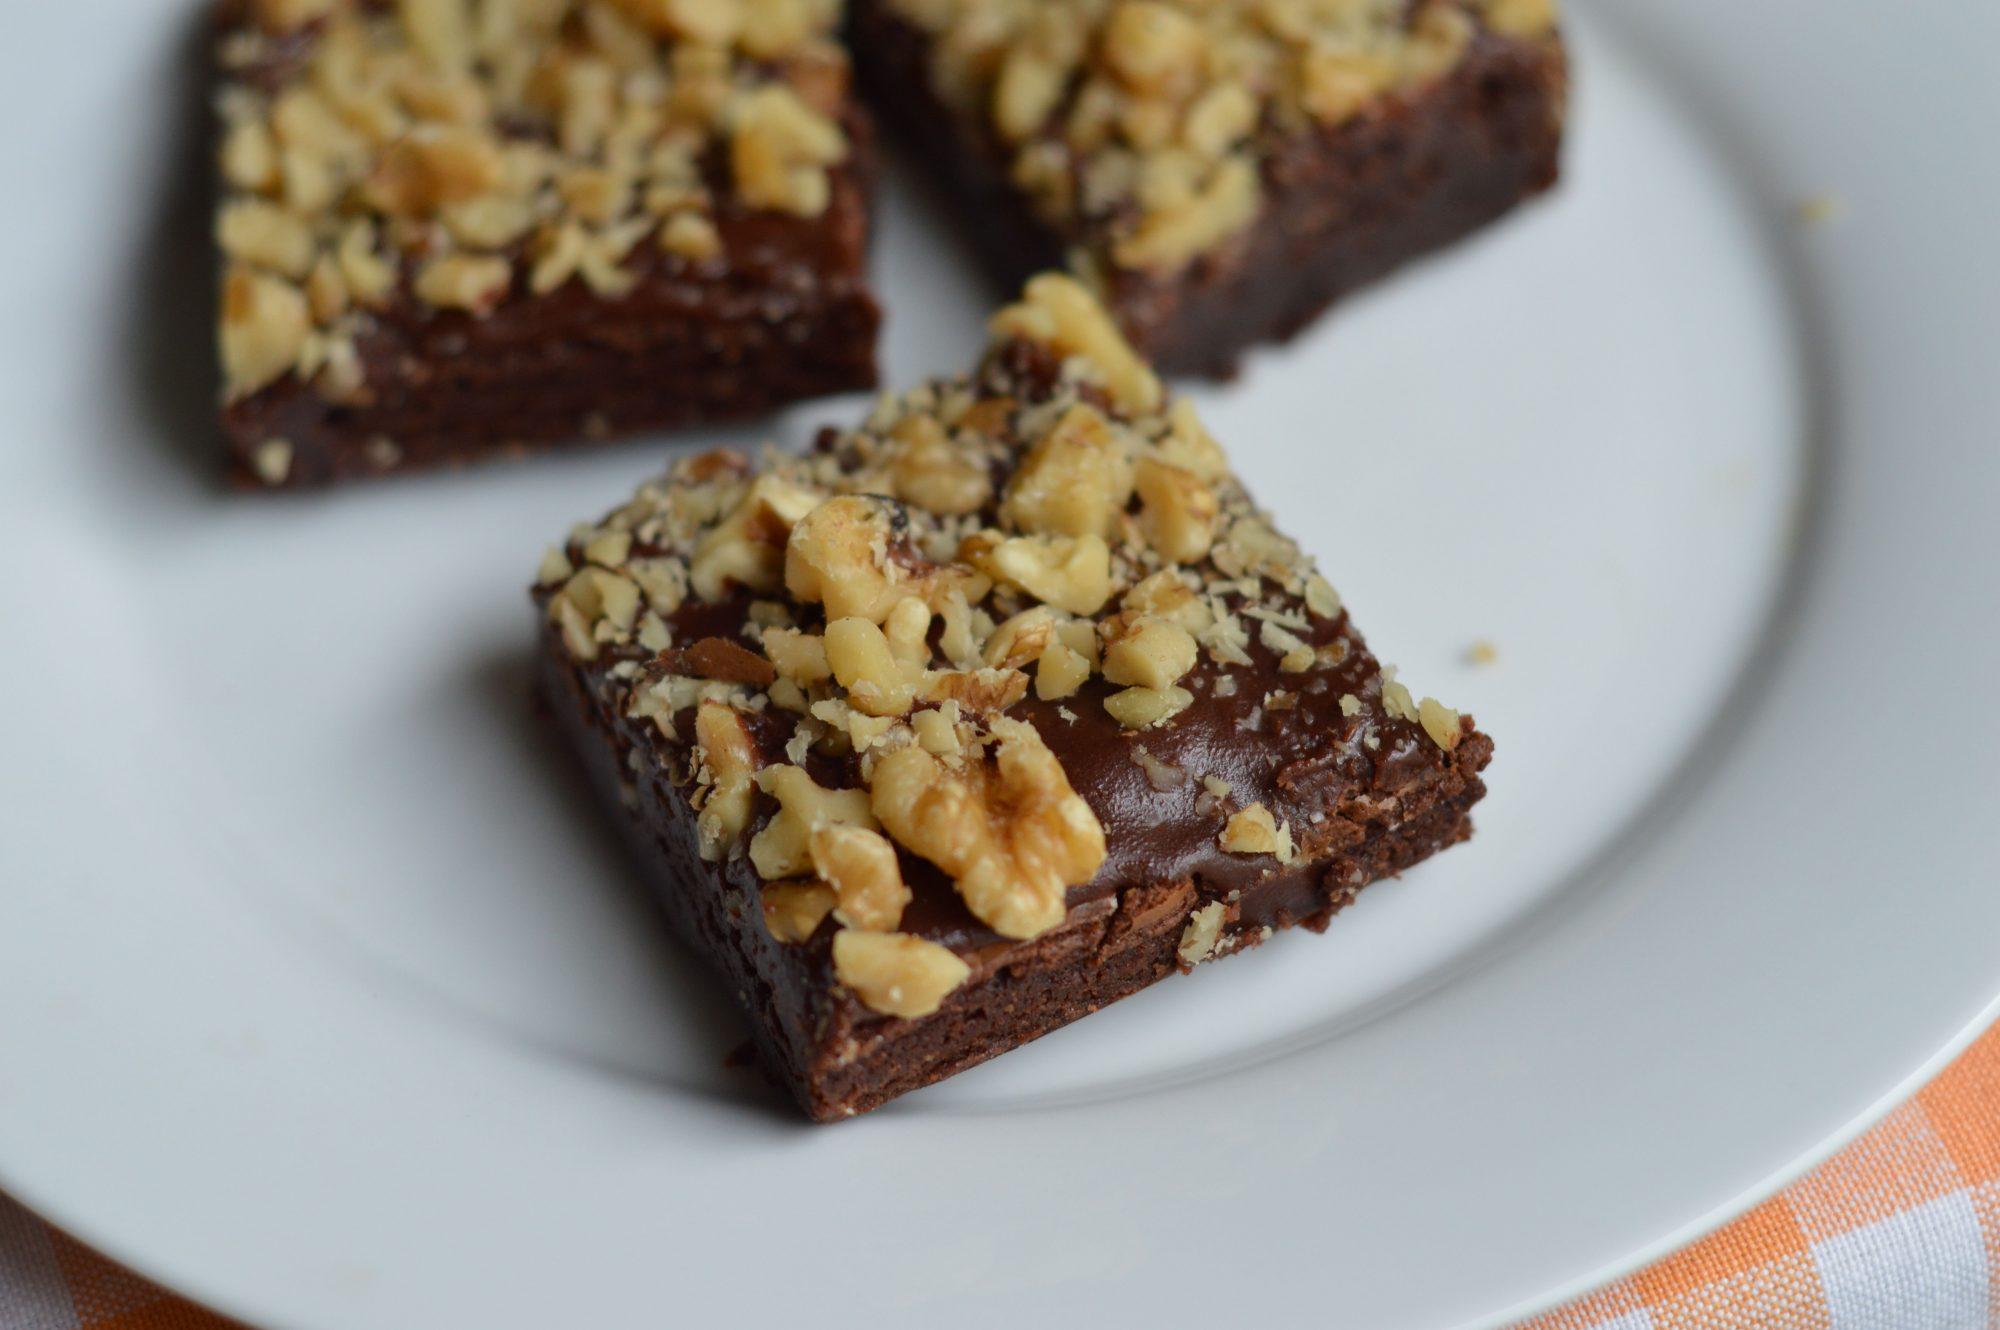 Brownies con glaseado de café